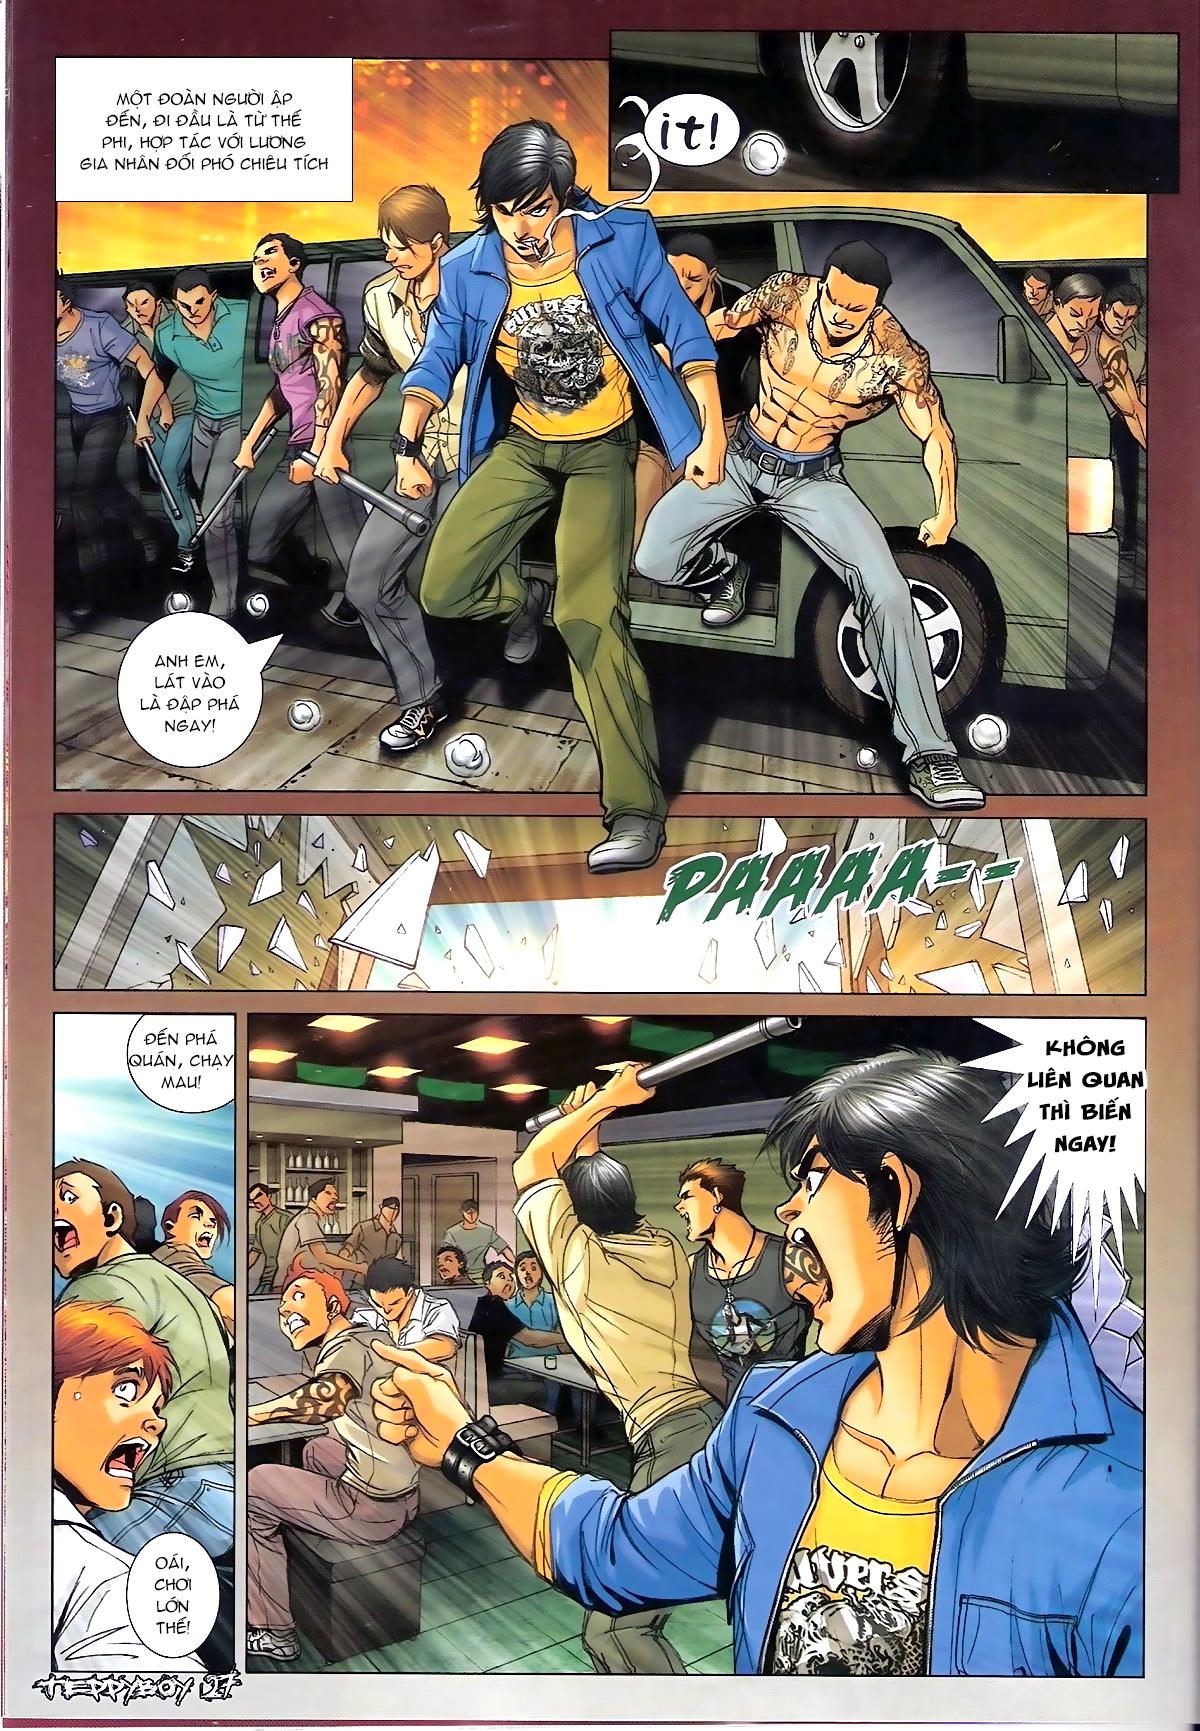 Người Trong Giang Hồ - Chapter 1339: Lương Gia Nhân vs Chiêu Tích - Pic 25